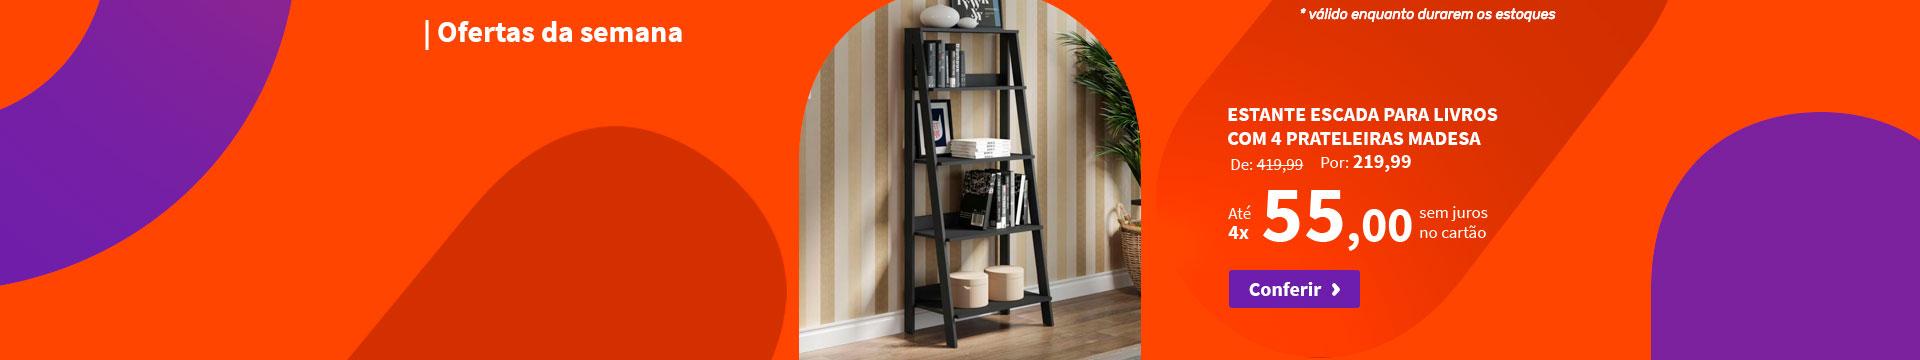 Estante Escada para Livros com 4 Prateleiras Madesa - Ofertas da semana